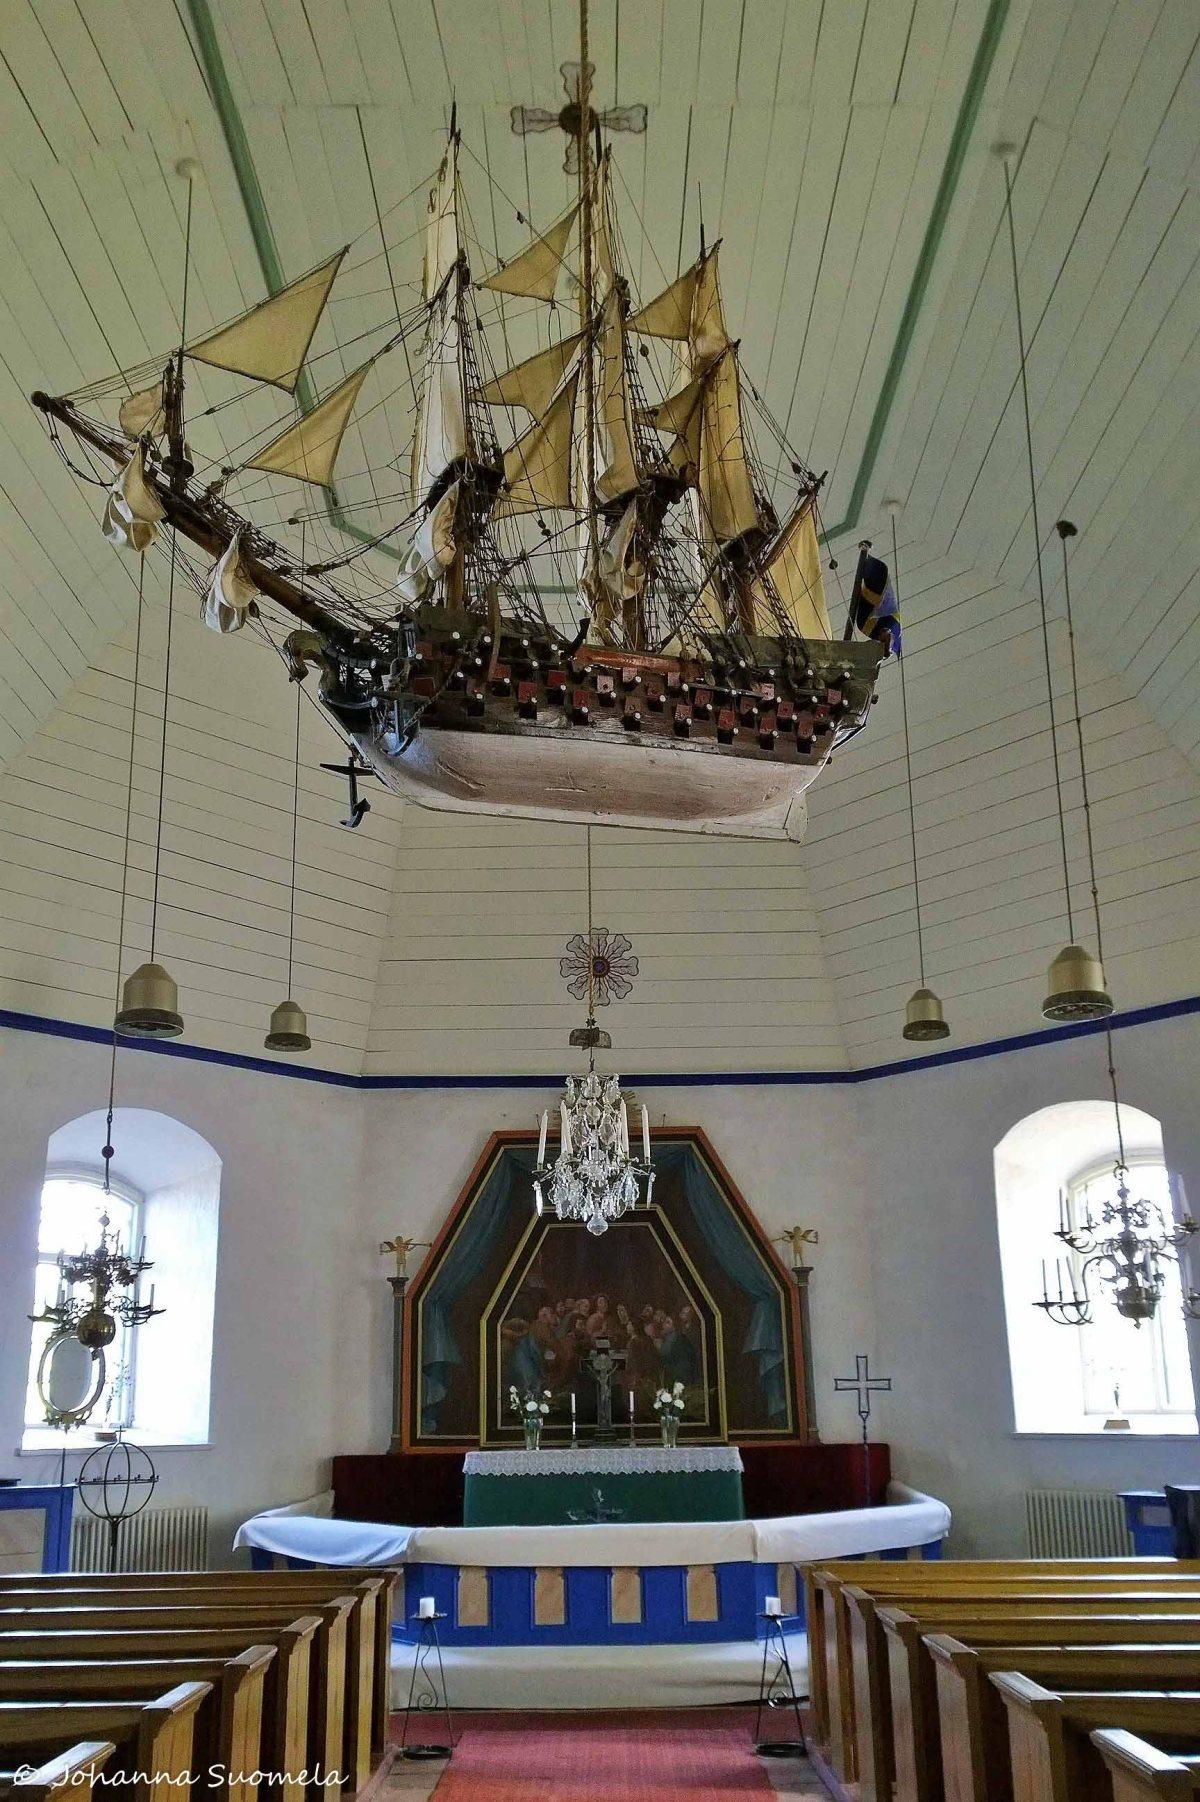 Kökarin Pyhän Annan kirkko sisältä